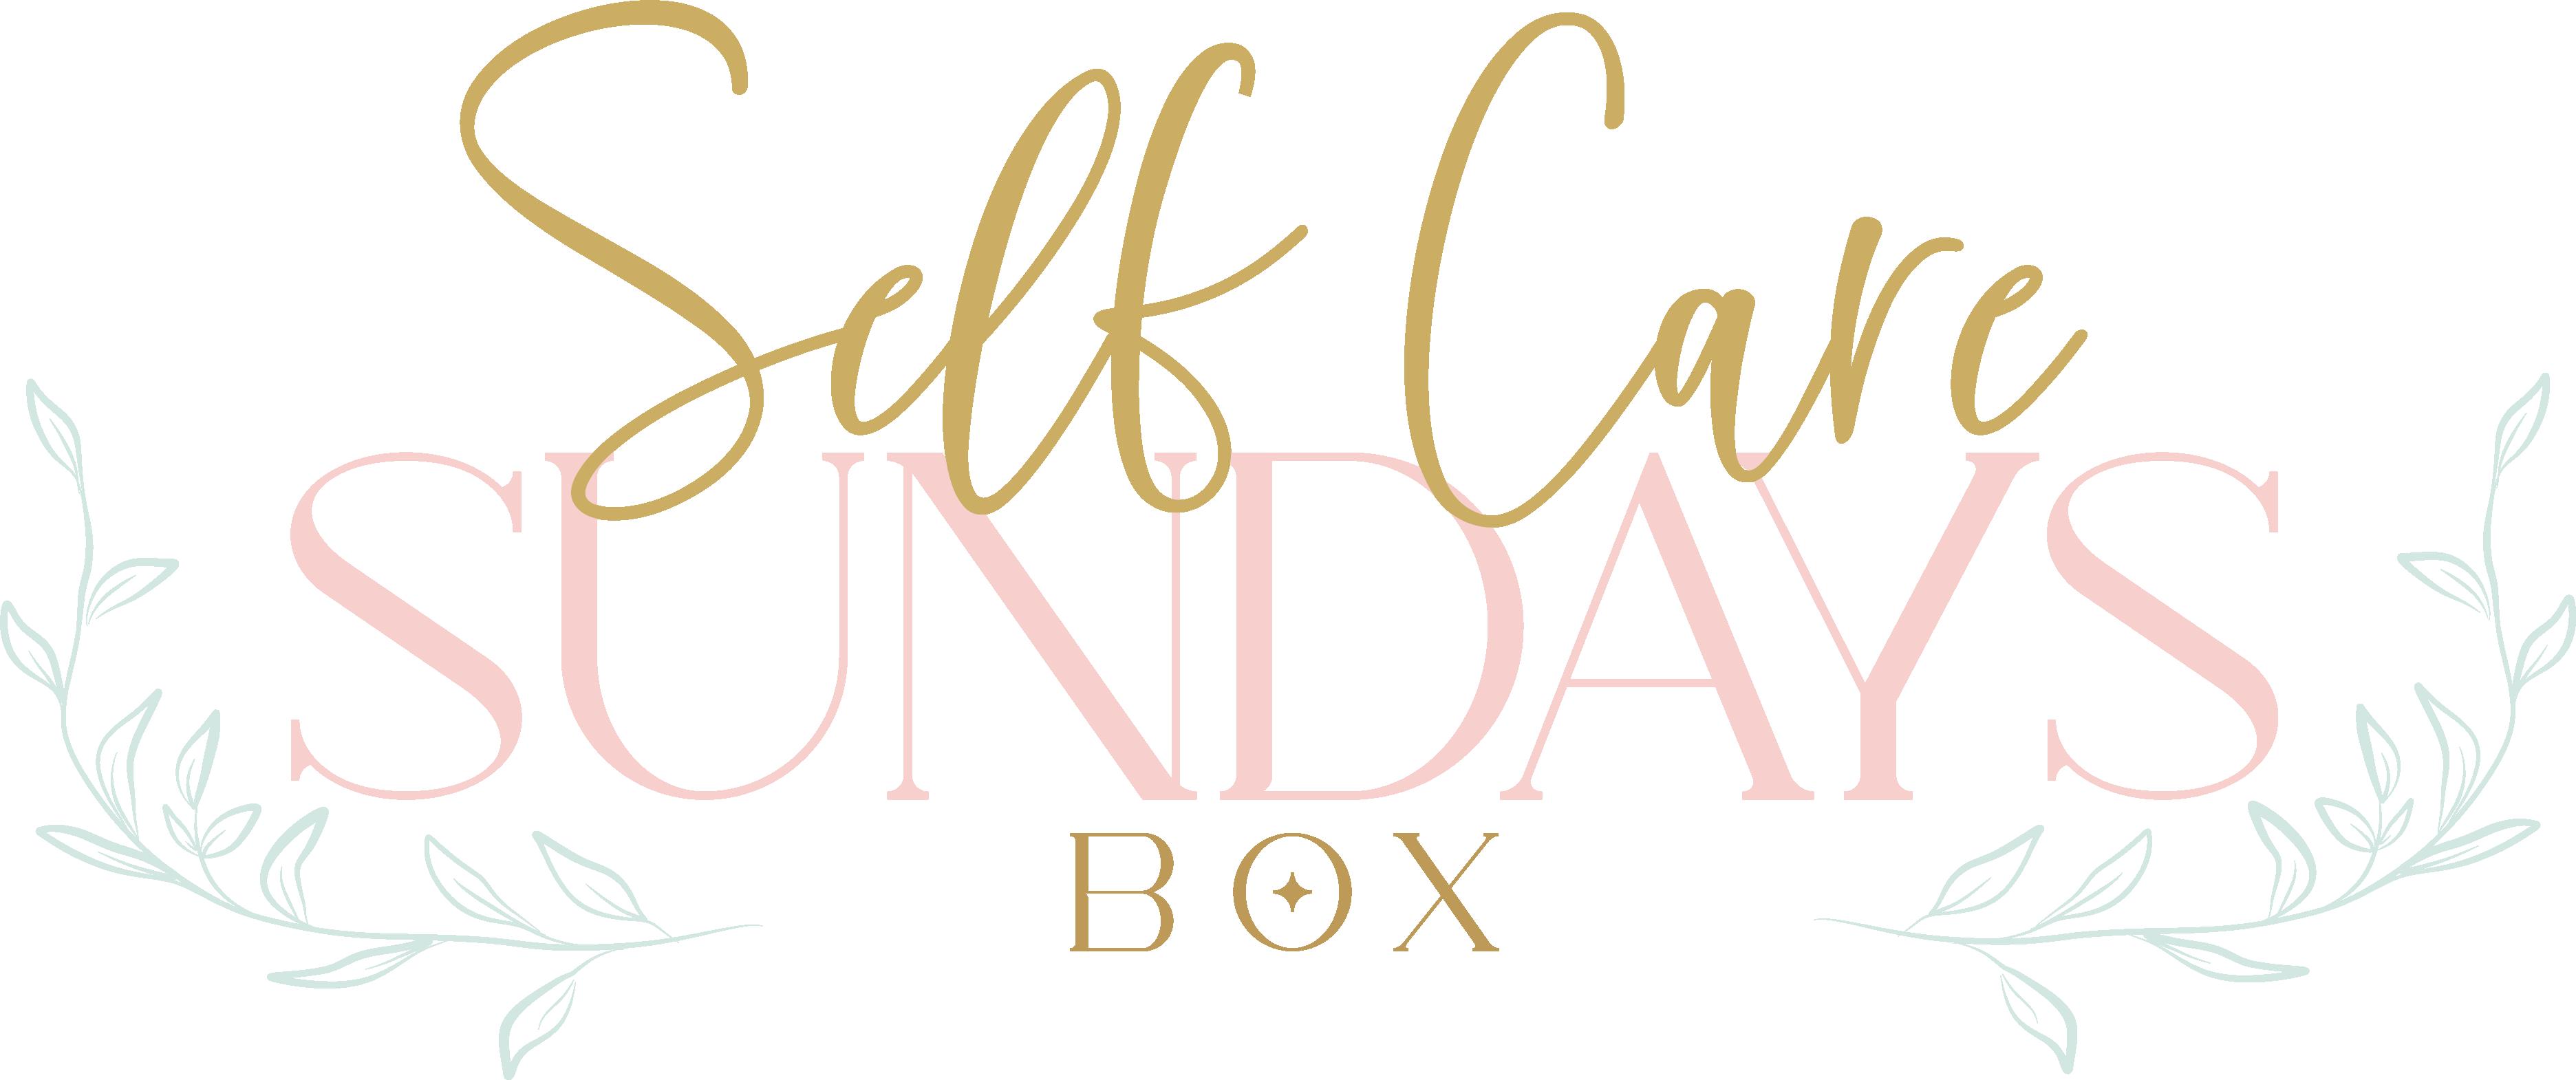 Self Care Sundays Box